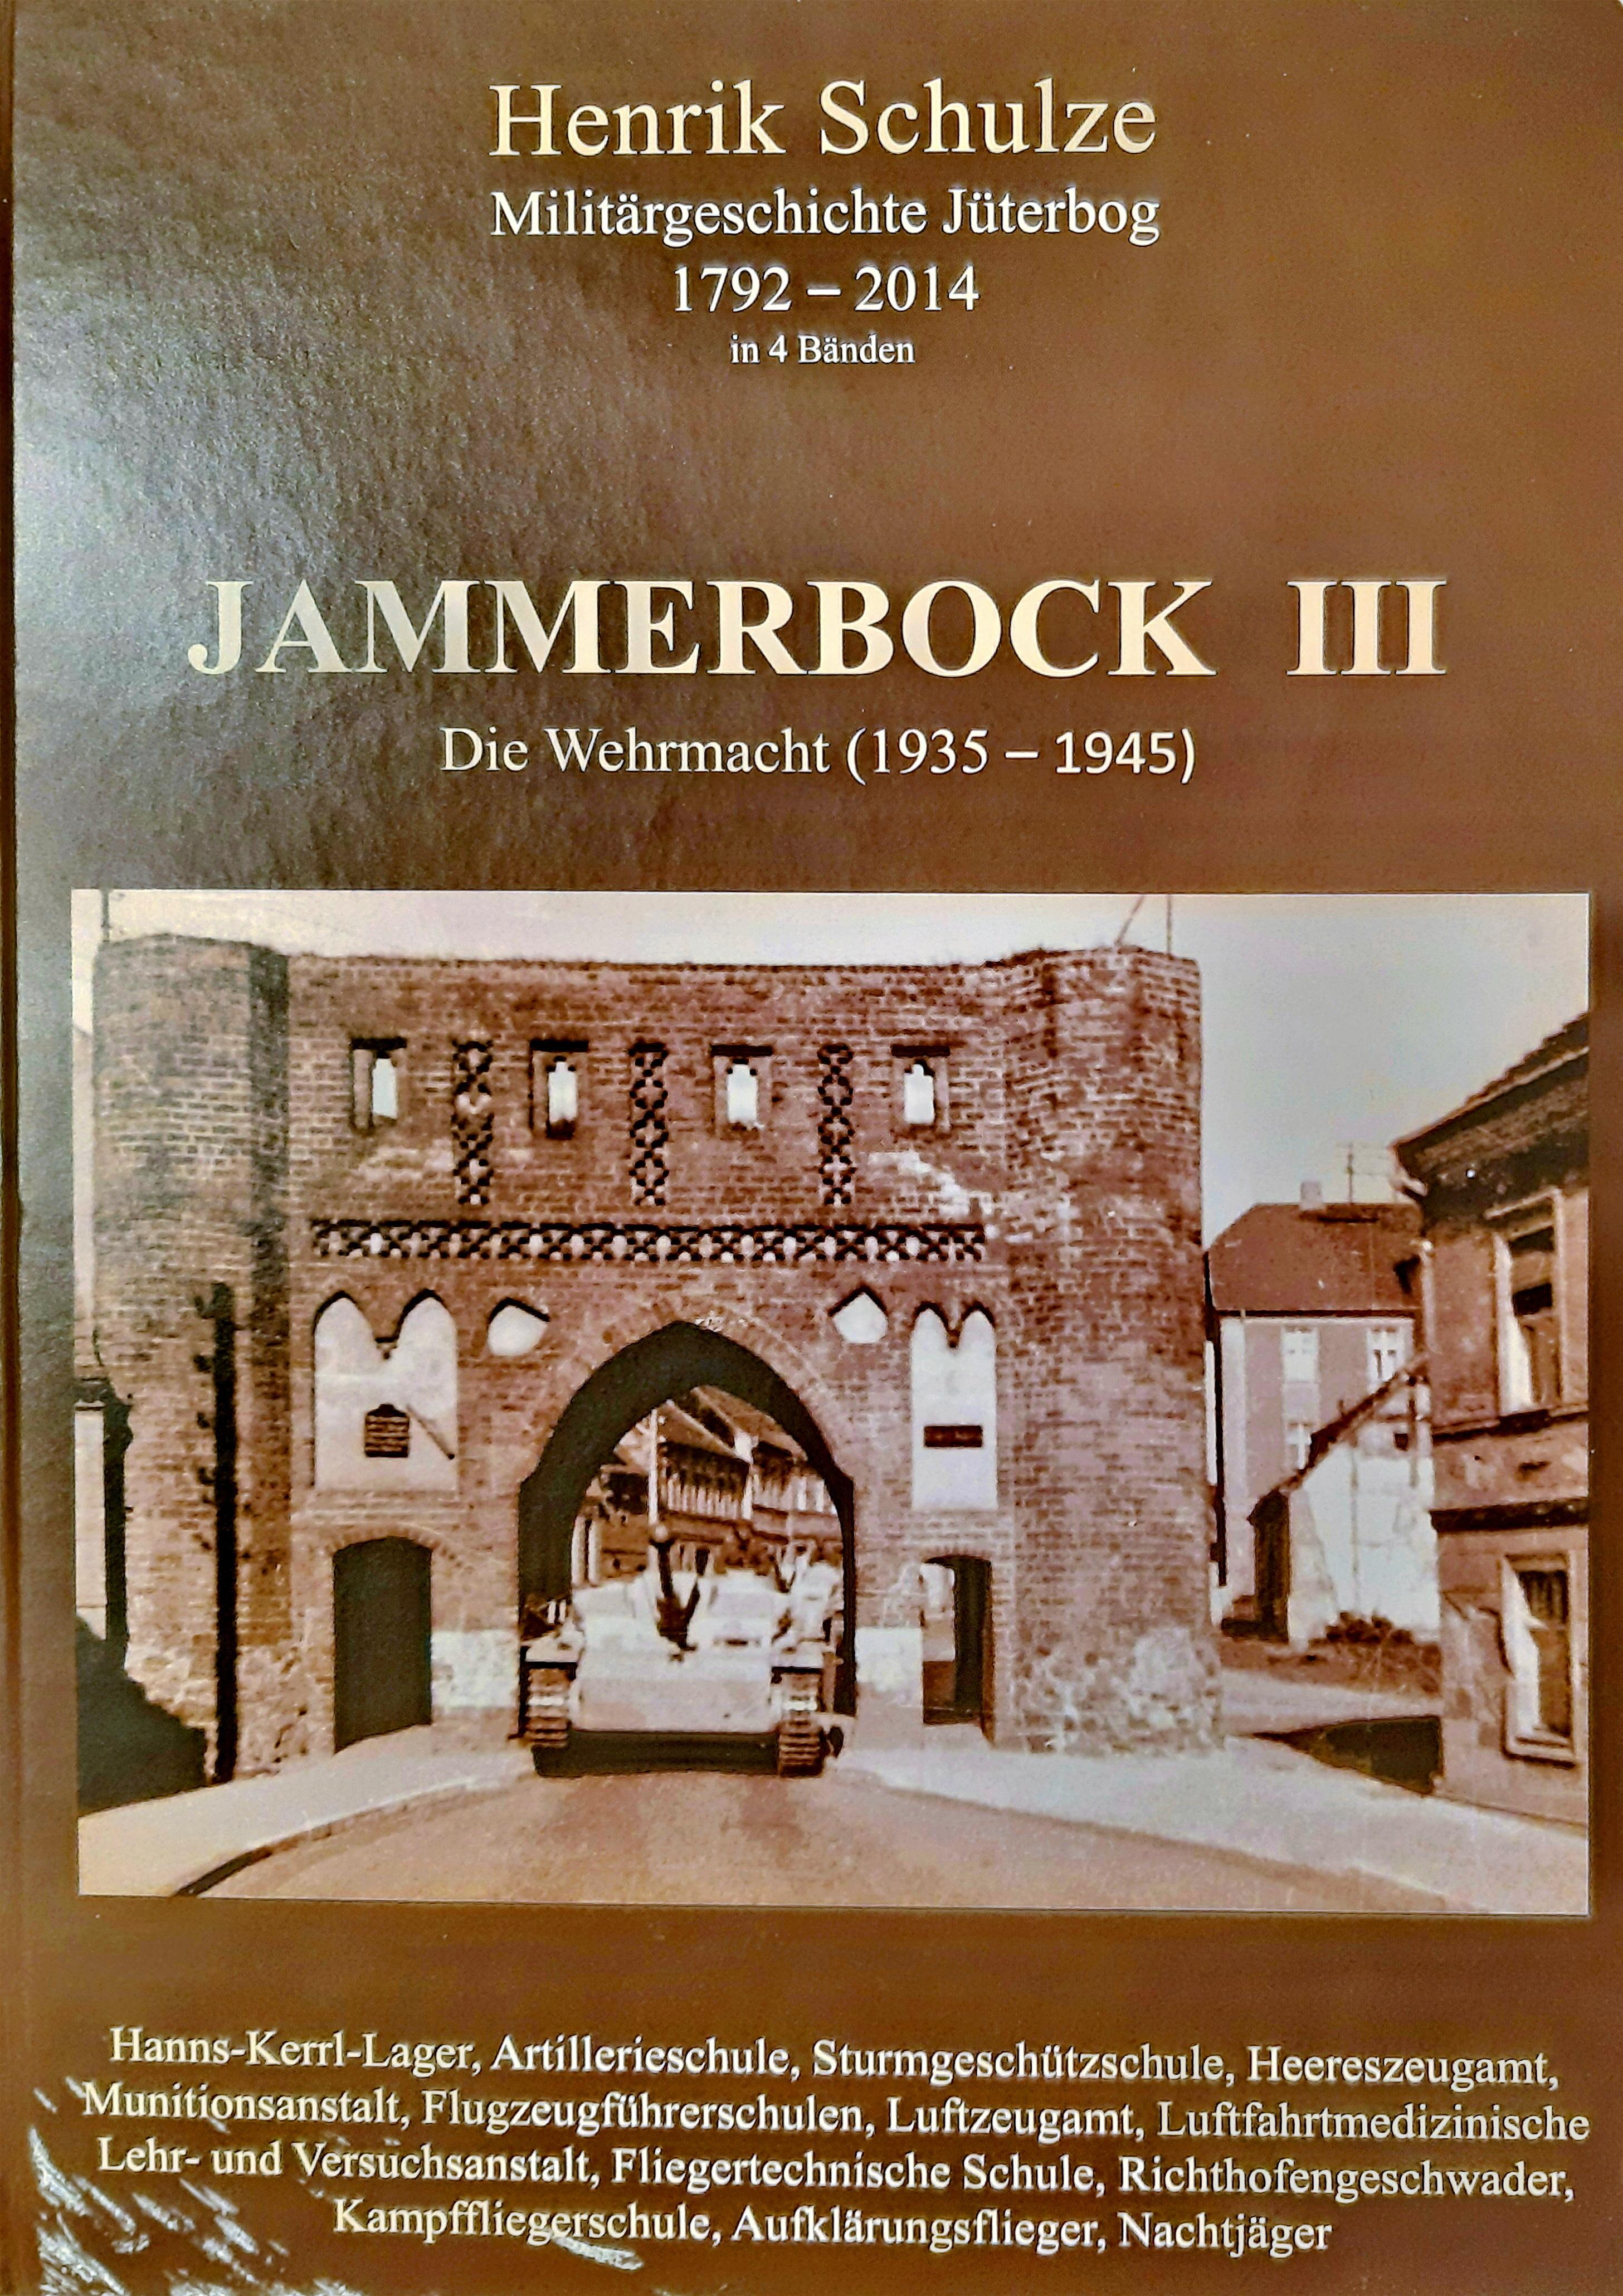 Jammerbock III 1935-1945